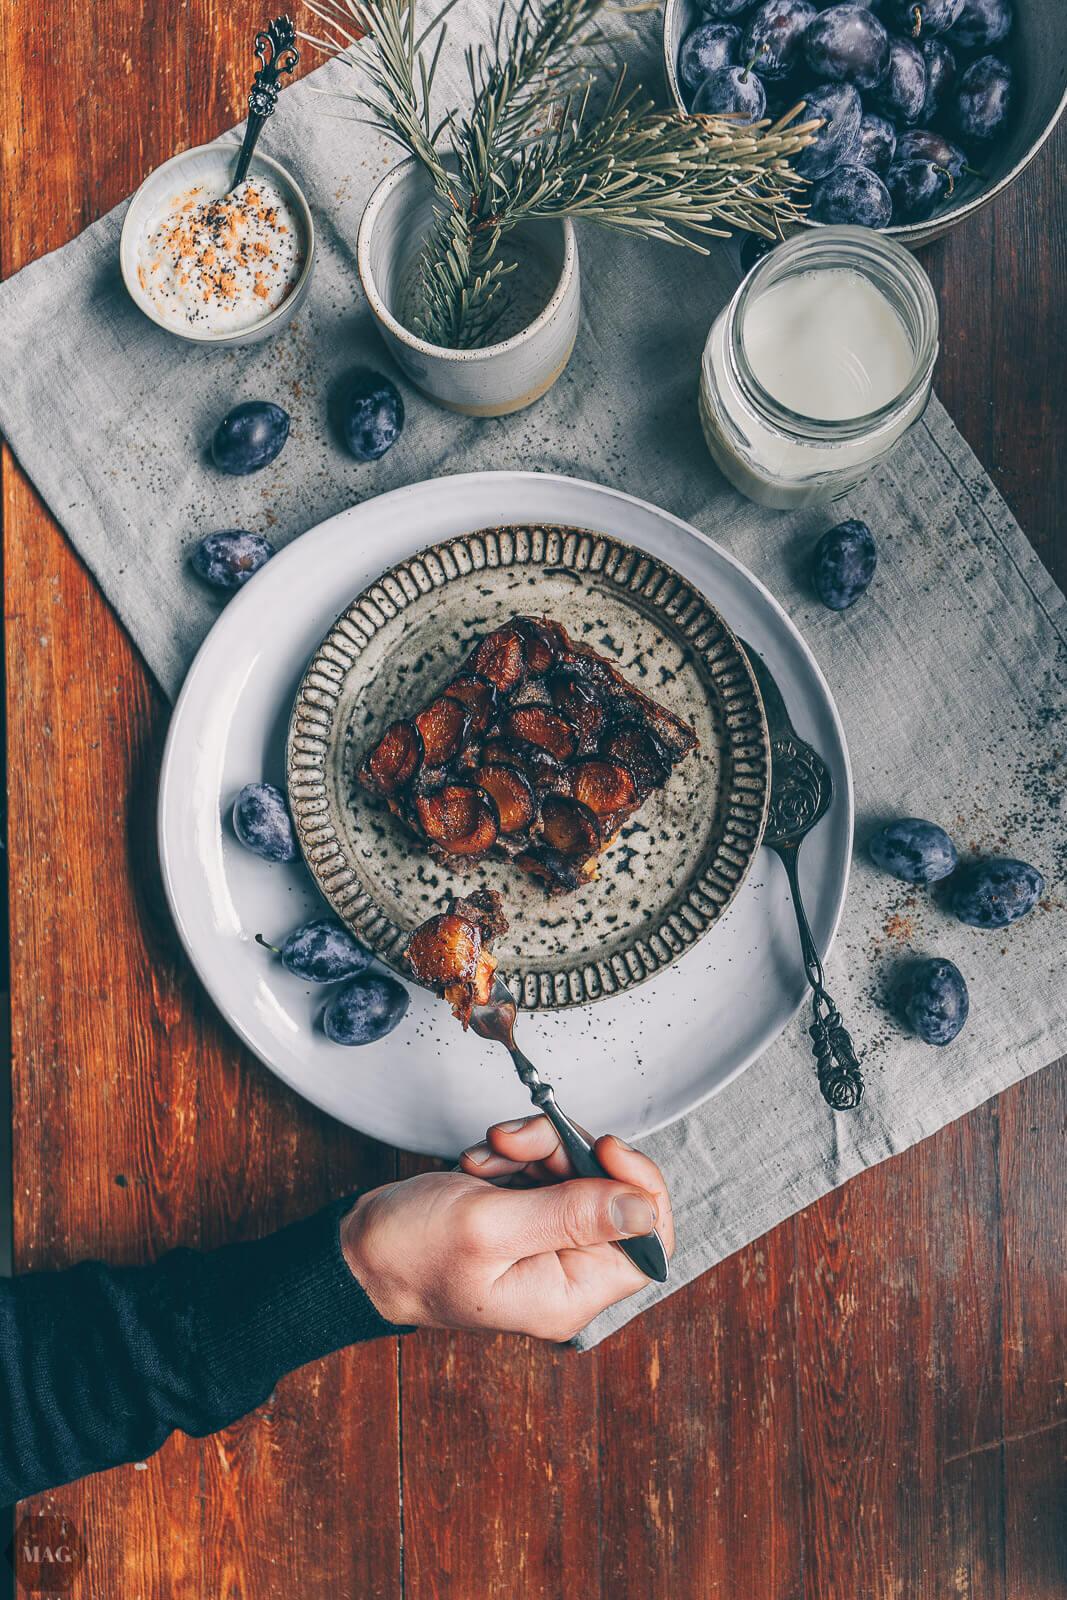 Zwetschgenkuchen, Zwetschgen Kuchen, Zwetschgen Kuchen vegan, Zwetschgen Kuchen ohne Ei, Pflaumen Kuchen, Pflaumenkuchen vegan, Pflaumenkuchen ohne Ei, Zwetschgenkuchen Rezept vegan, Zwetschgenkuchen Rezept